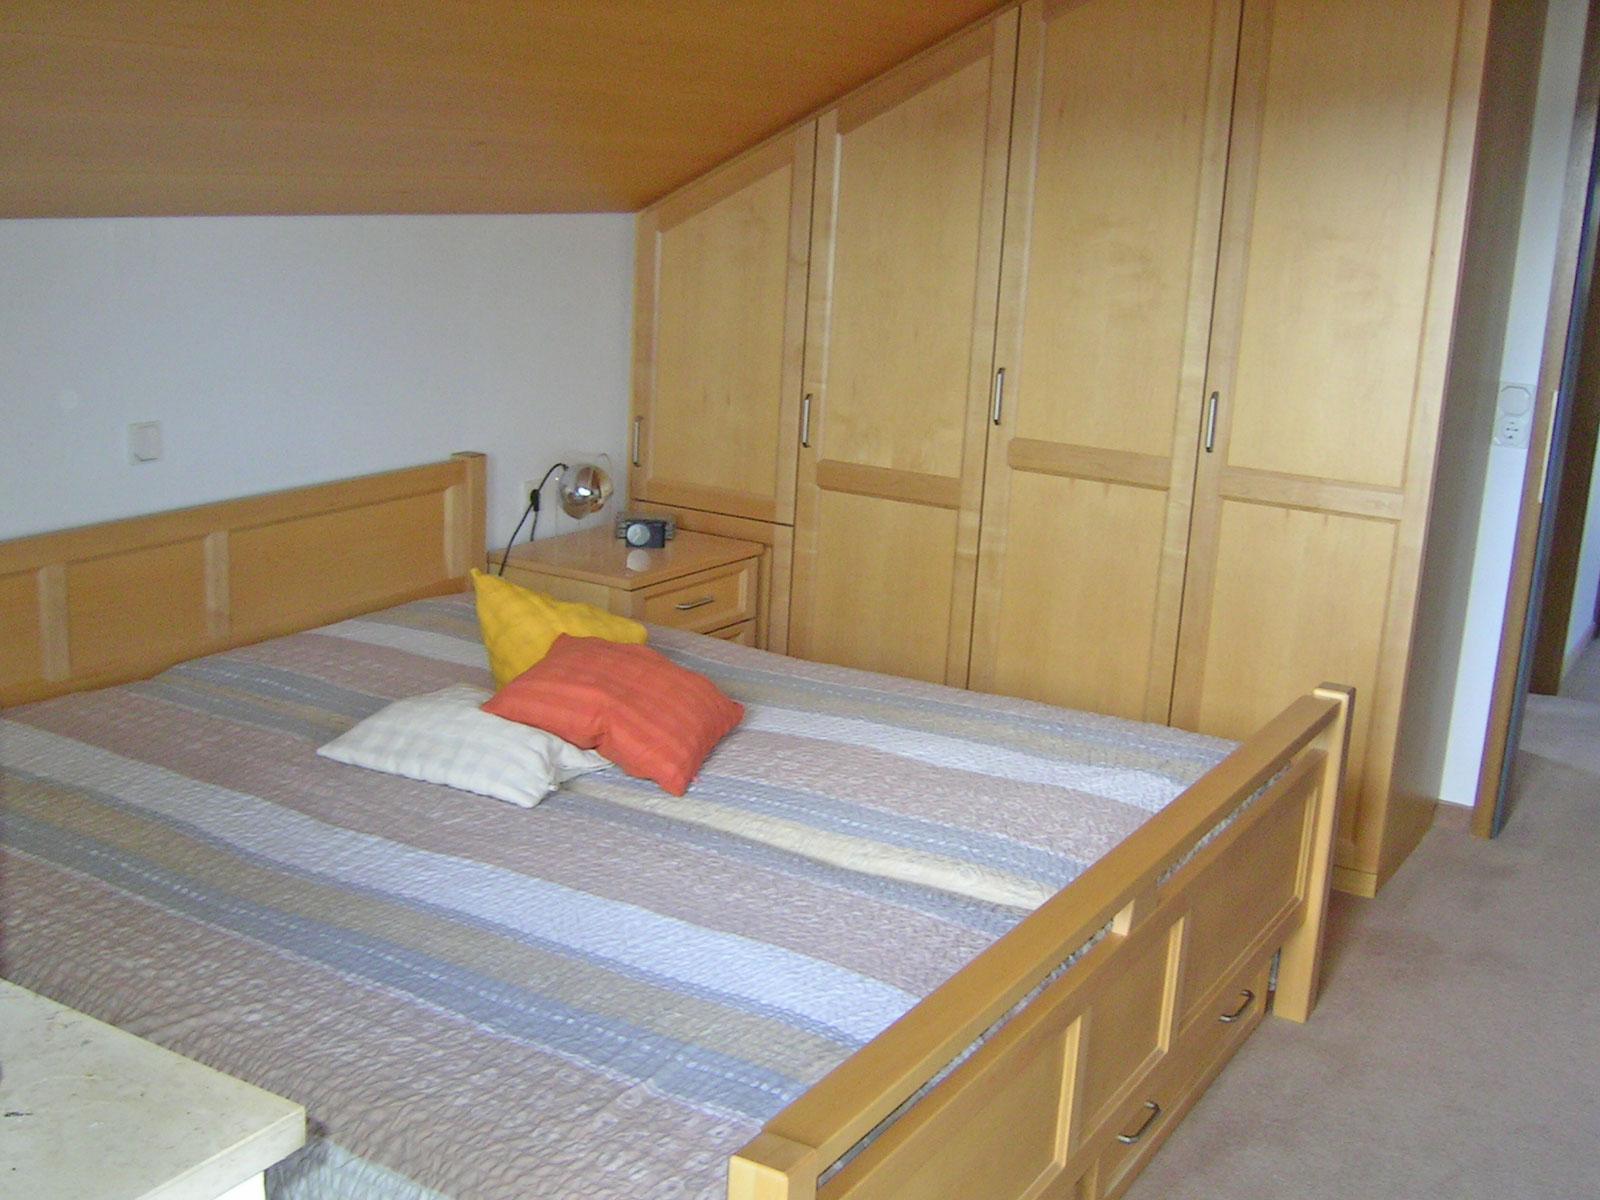 Schlafzimmerausbau in kanadischer Ahorn, mit ausziehbaren Bettschubladen